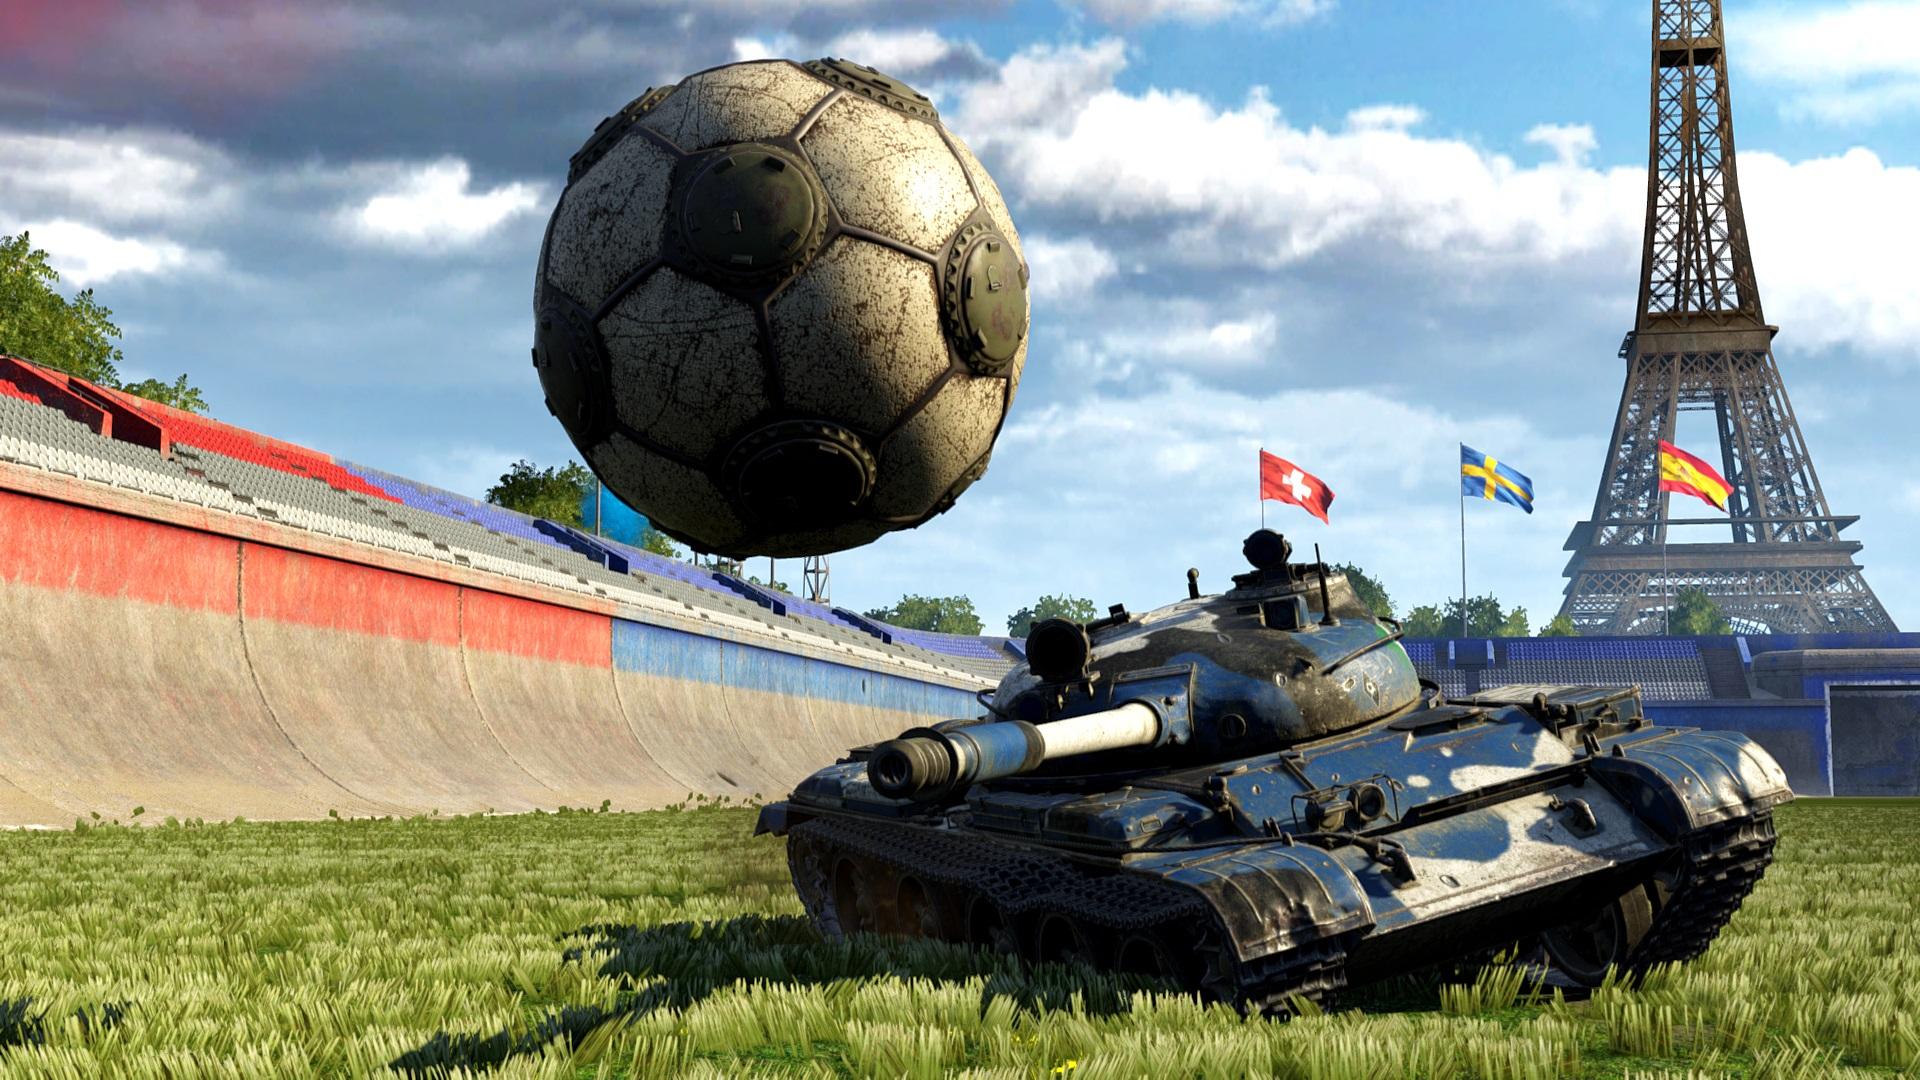 Kreatives Bild Fussball Panzer Gras Eiffelturm 1920x1080